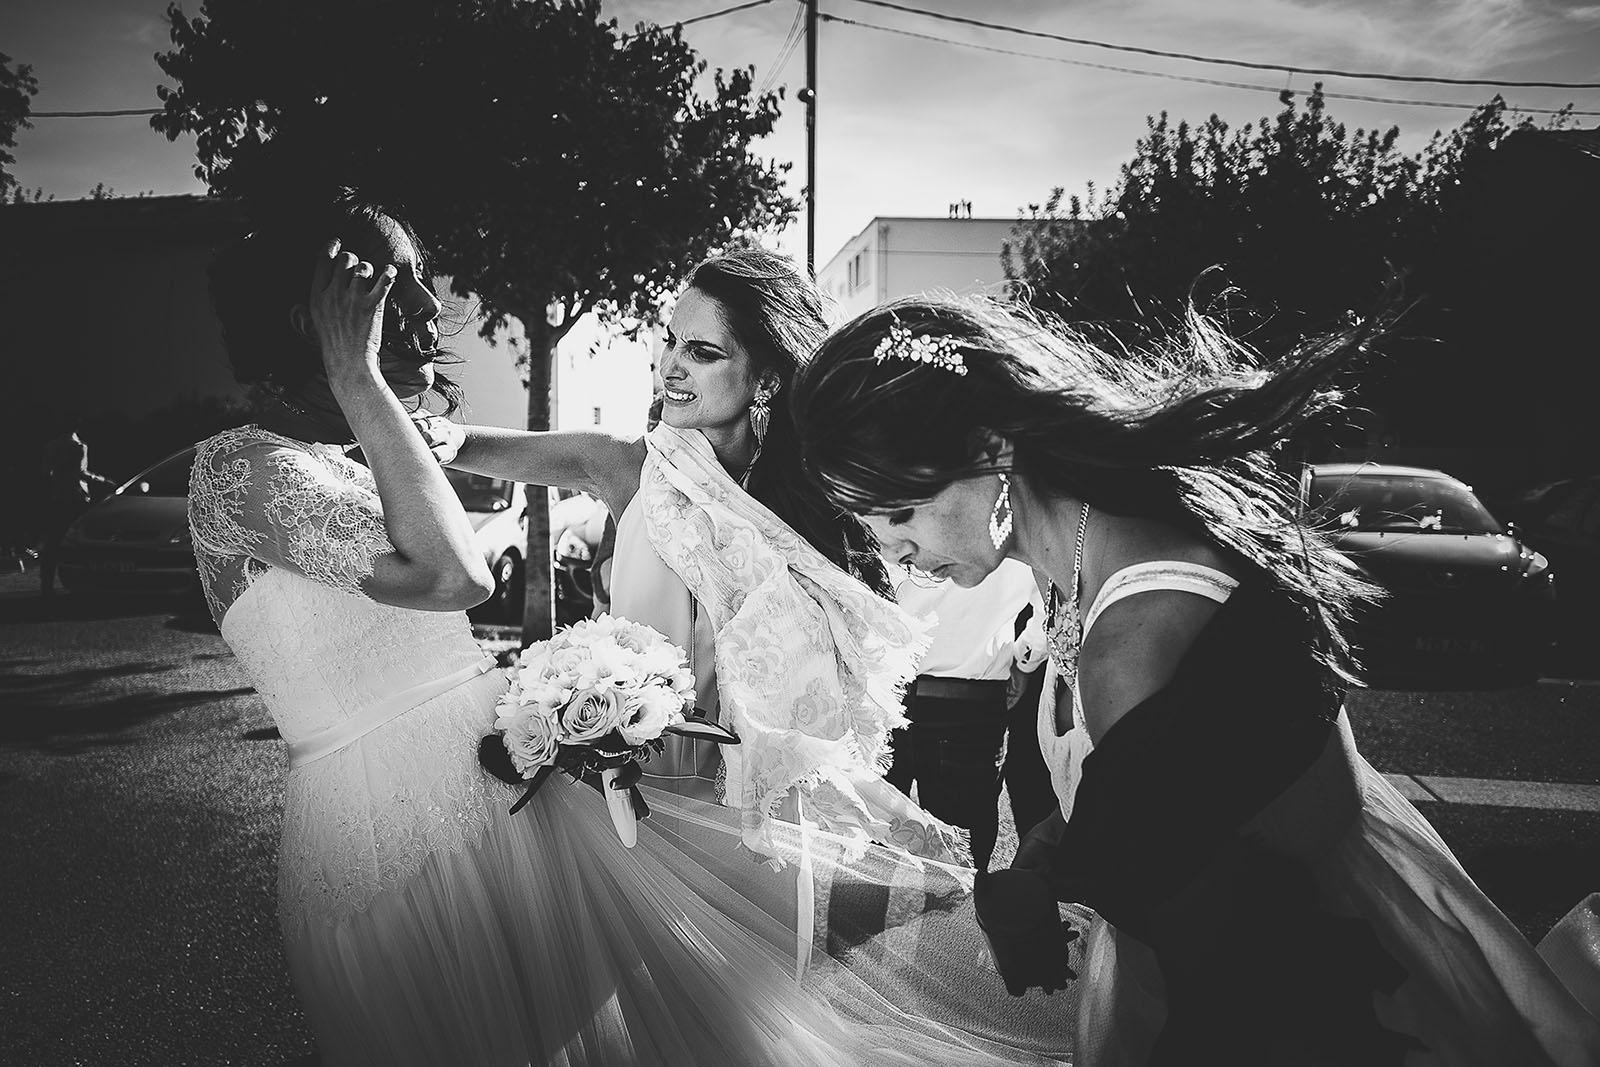 Mariage Villa Quélude David Pommier photographe de mariage Marseille. Le vent dans les cheveux de la mariée